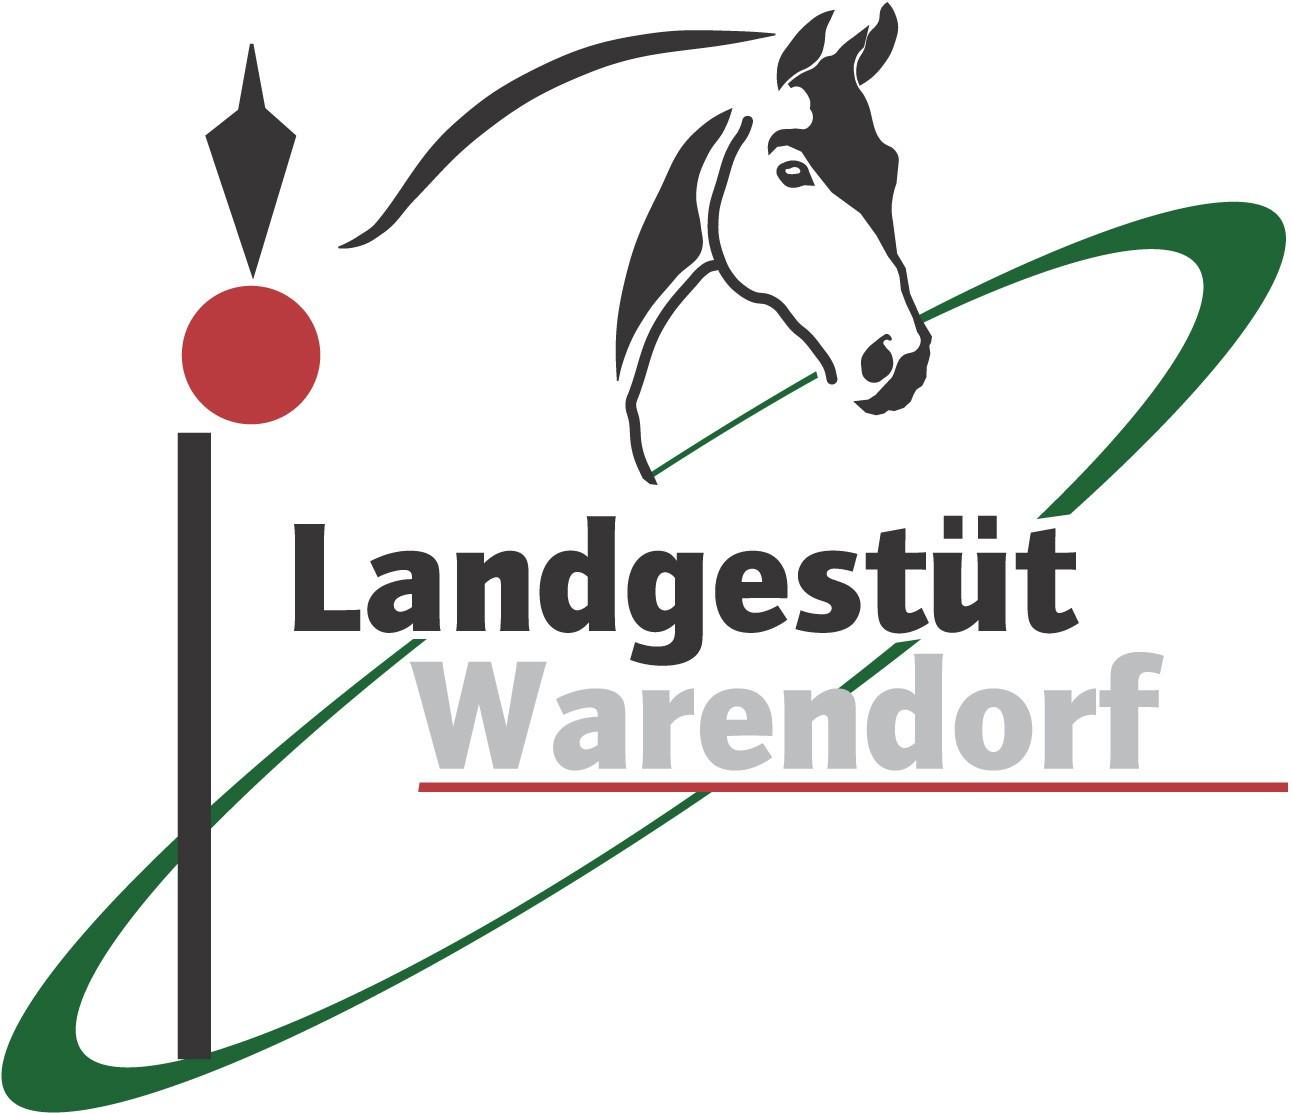 NRW_Landgestut_Warendorf.jpg